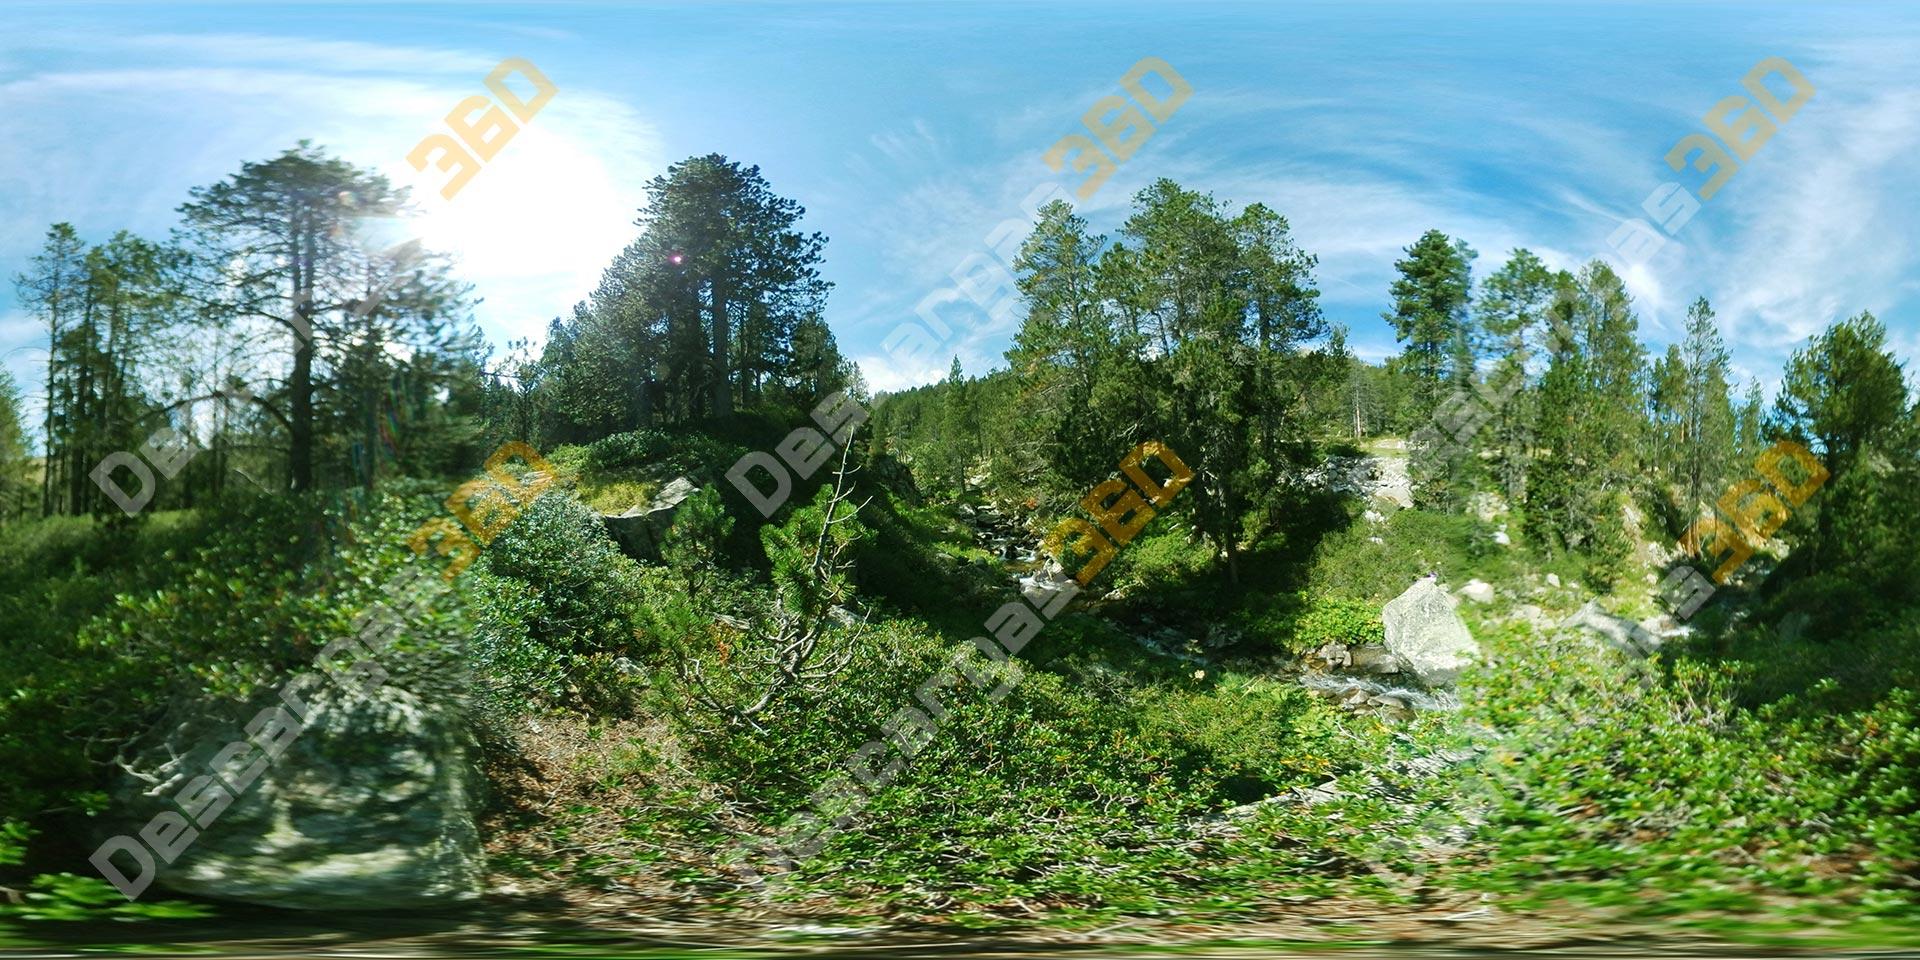 Bosque-frondoso-con-río-360-Naturaleza---Descargas360_preview